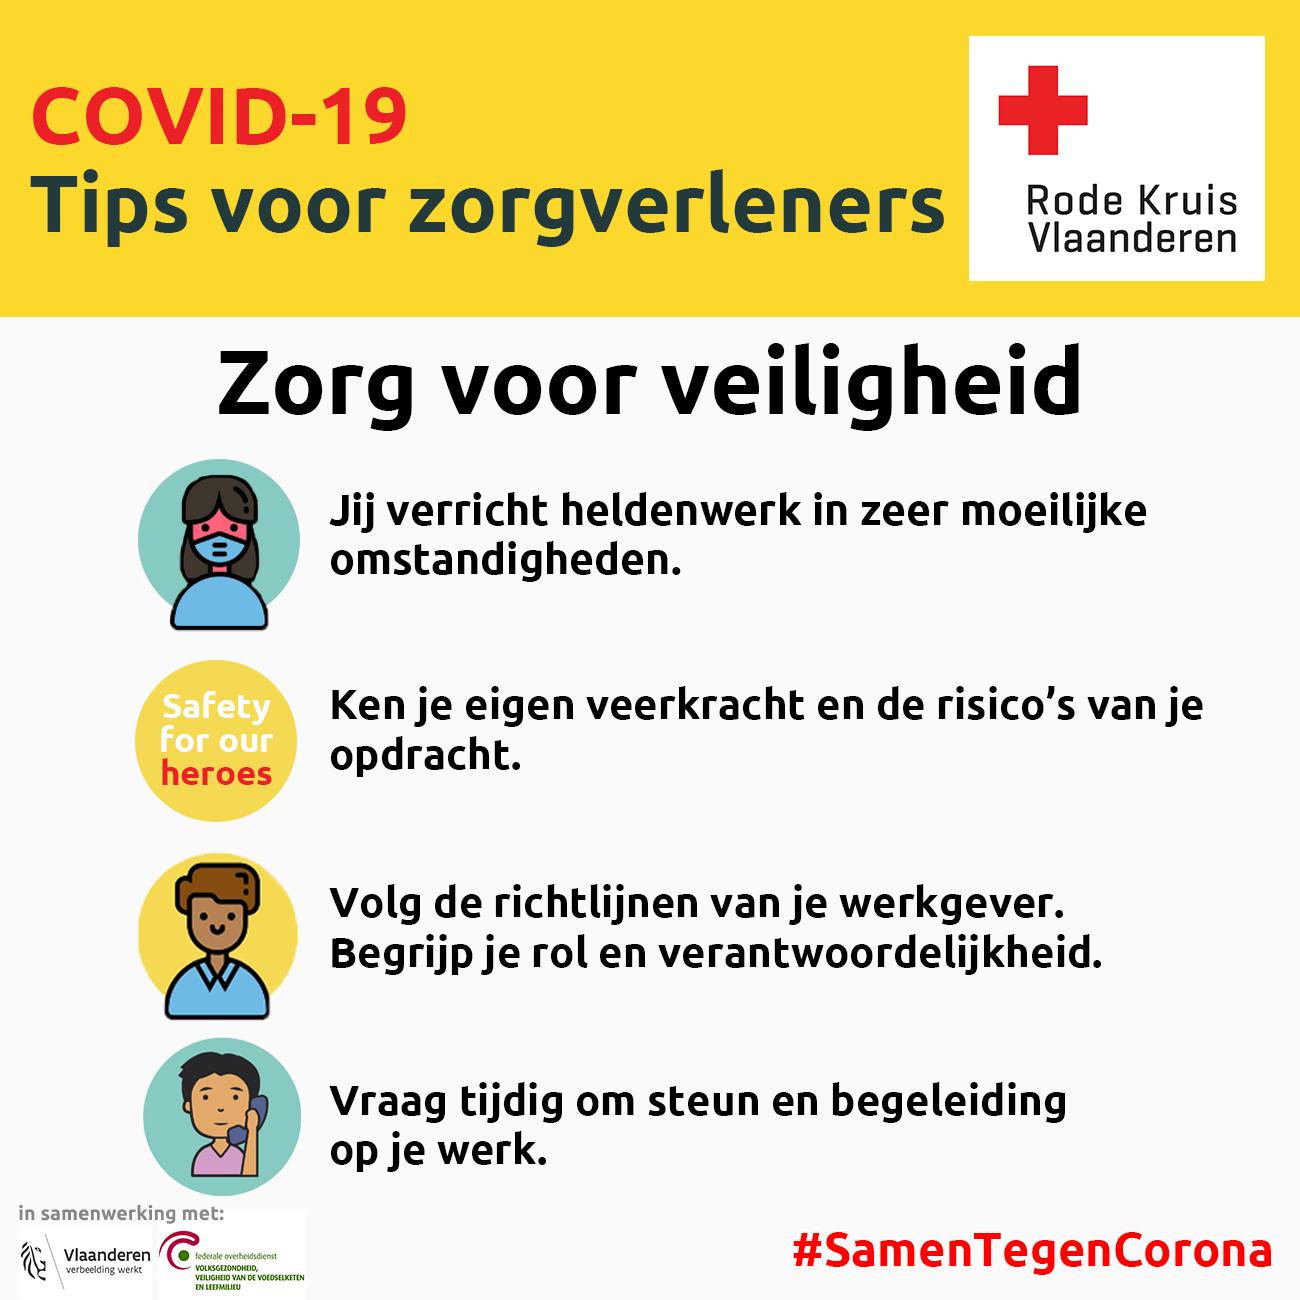 Coronavirus: zorg voor veiligheid